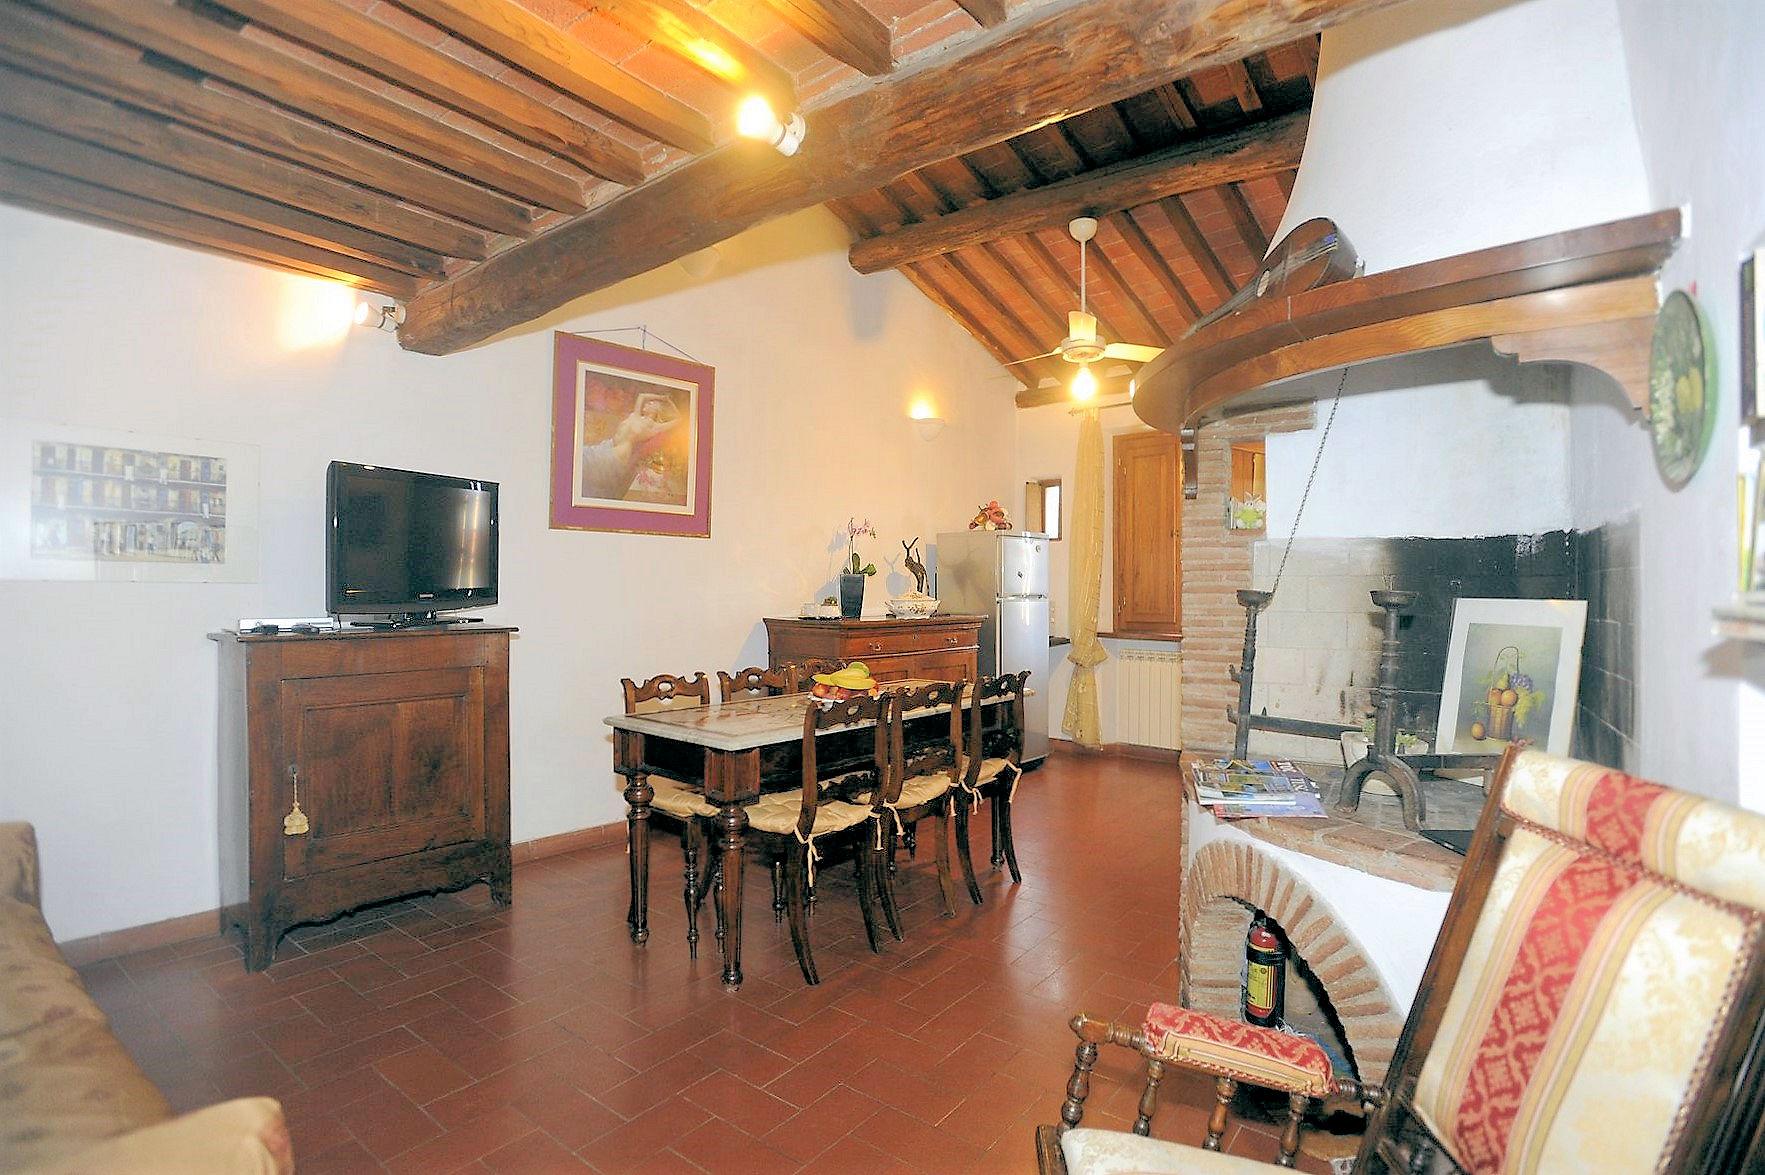 Appartamento in vendita a Lucca, 3 locali, zona Località: Centrostorico, prezzo € 395.000 | Cambio Casa.it